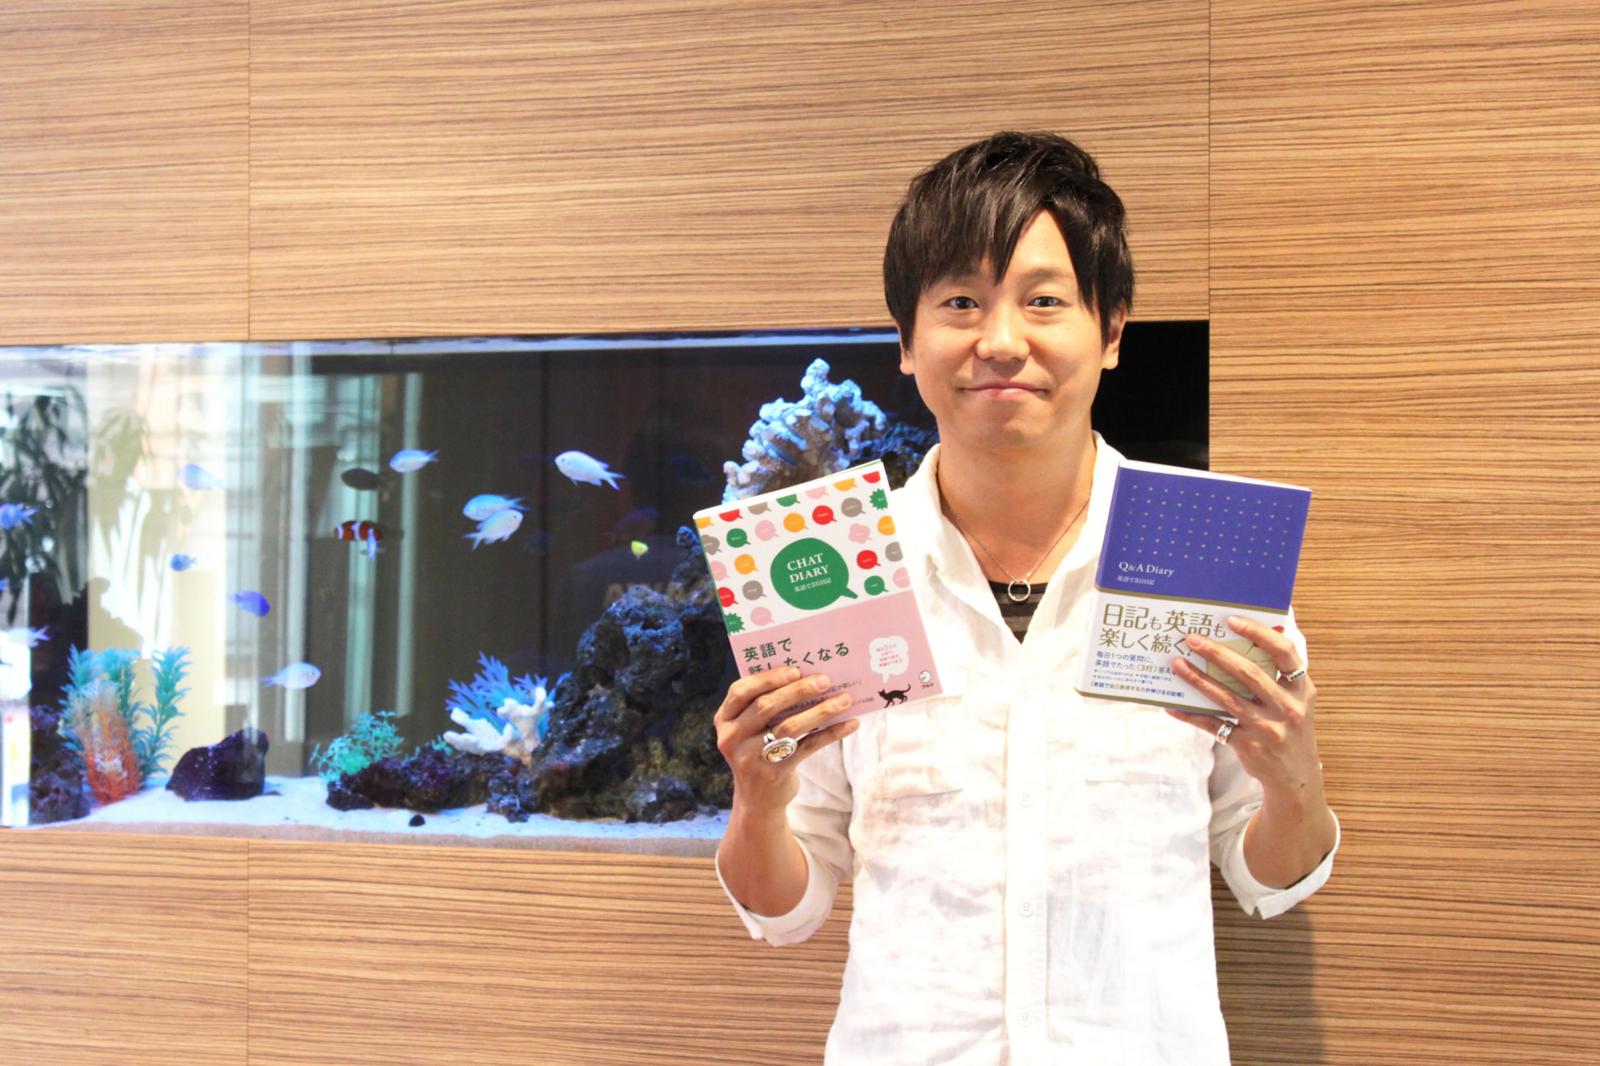 奥村則英 - JapaneseClass.jp